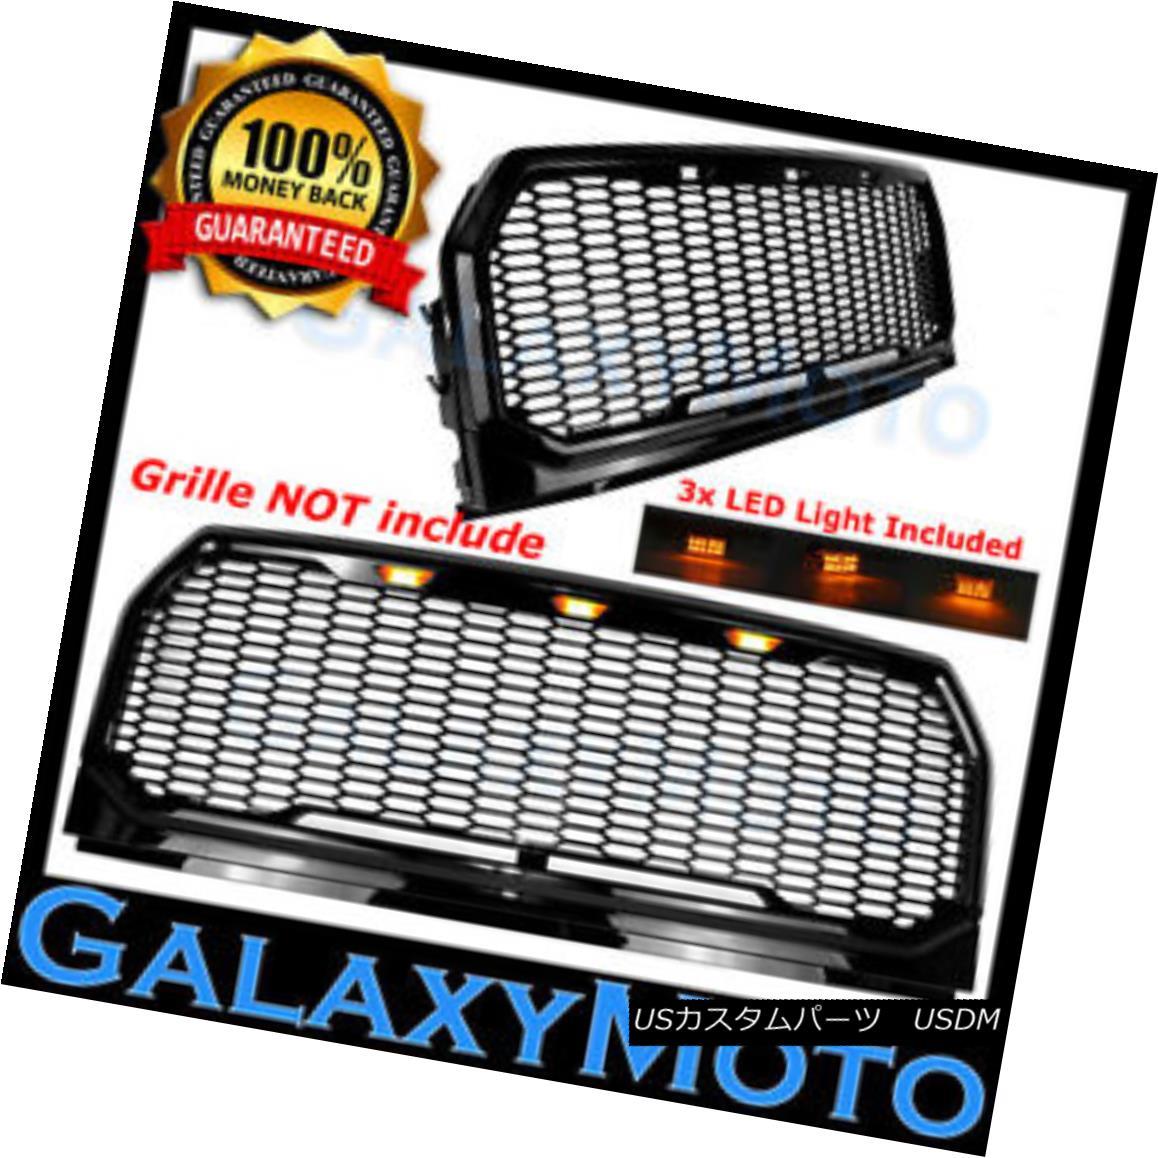 グリル Amber 3x LED Light w/ Harness for Galaxy 15-17 Ford F150 Raptor Style Grille 琥珀3x LEDライト付きハーネス(銀河用)15-17 Ford F150 Raptor Style Grille